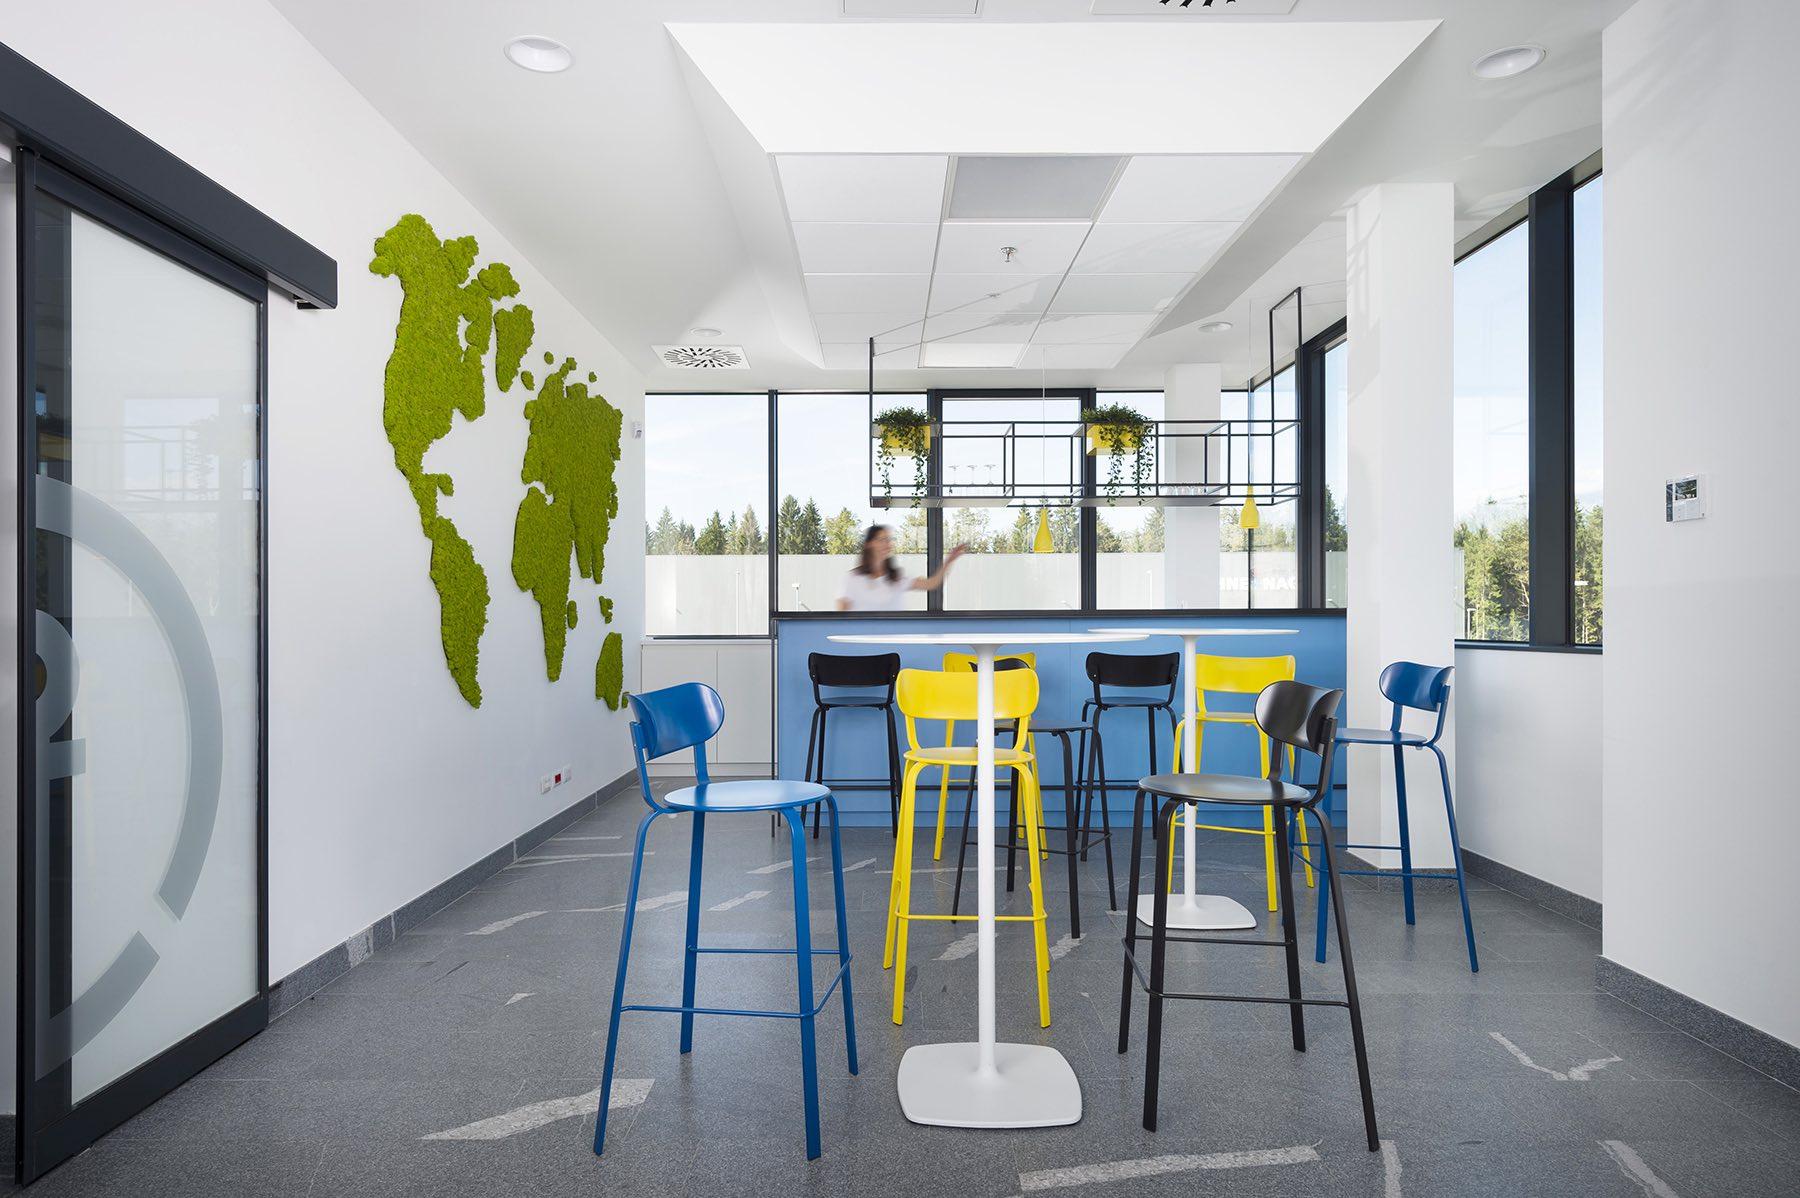 k-n-ljubljana-office-4